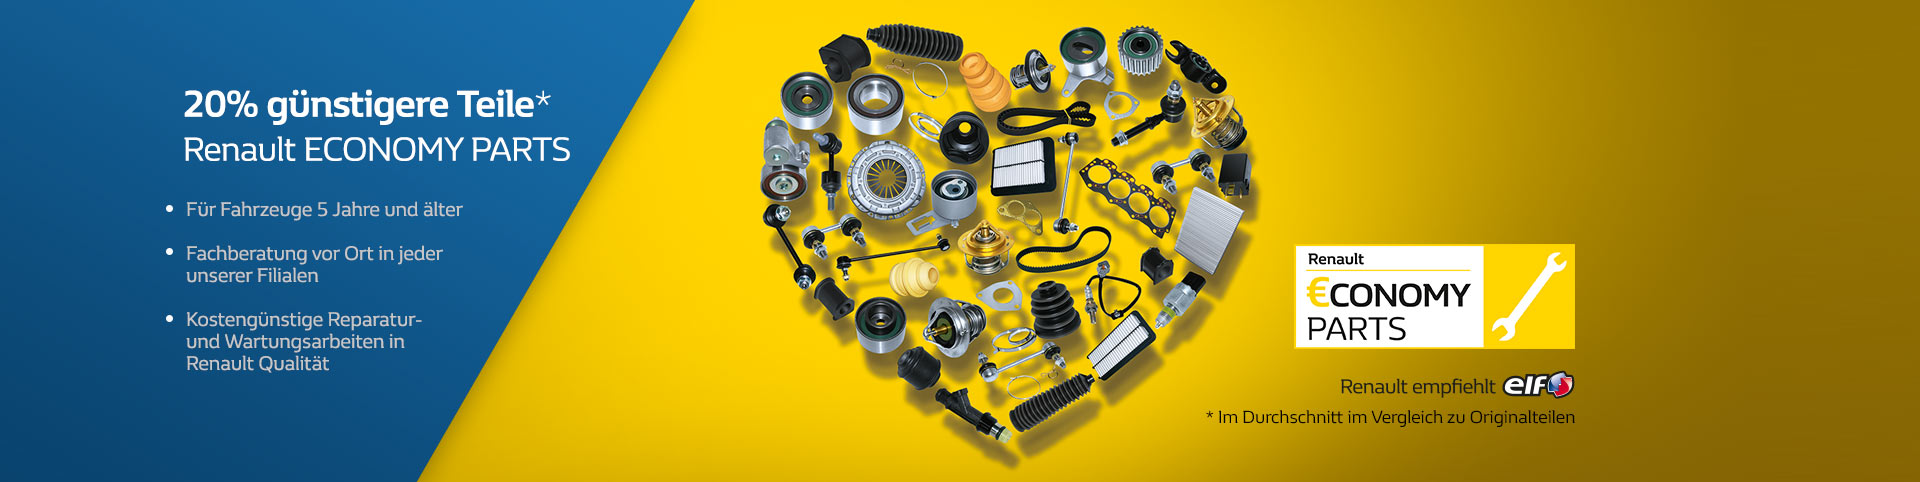 Renault Economy Parts von P&A-Preckel